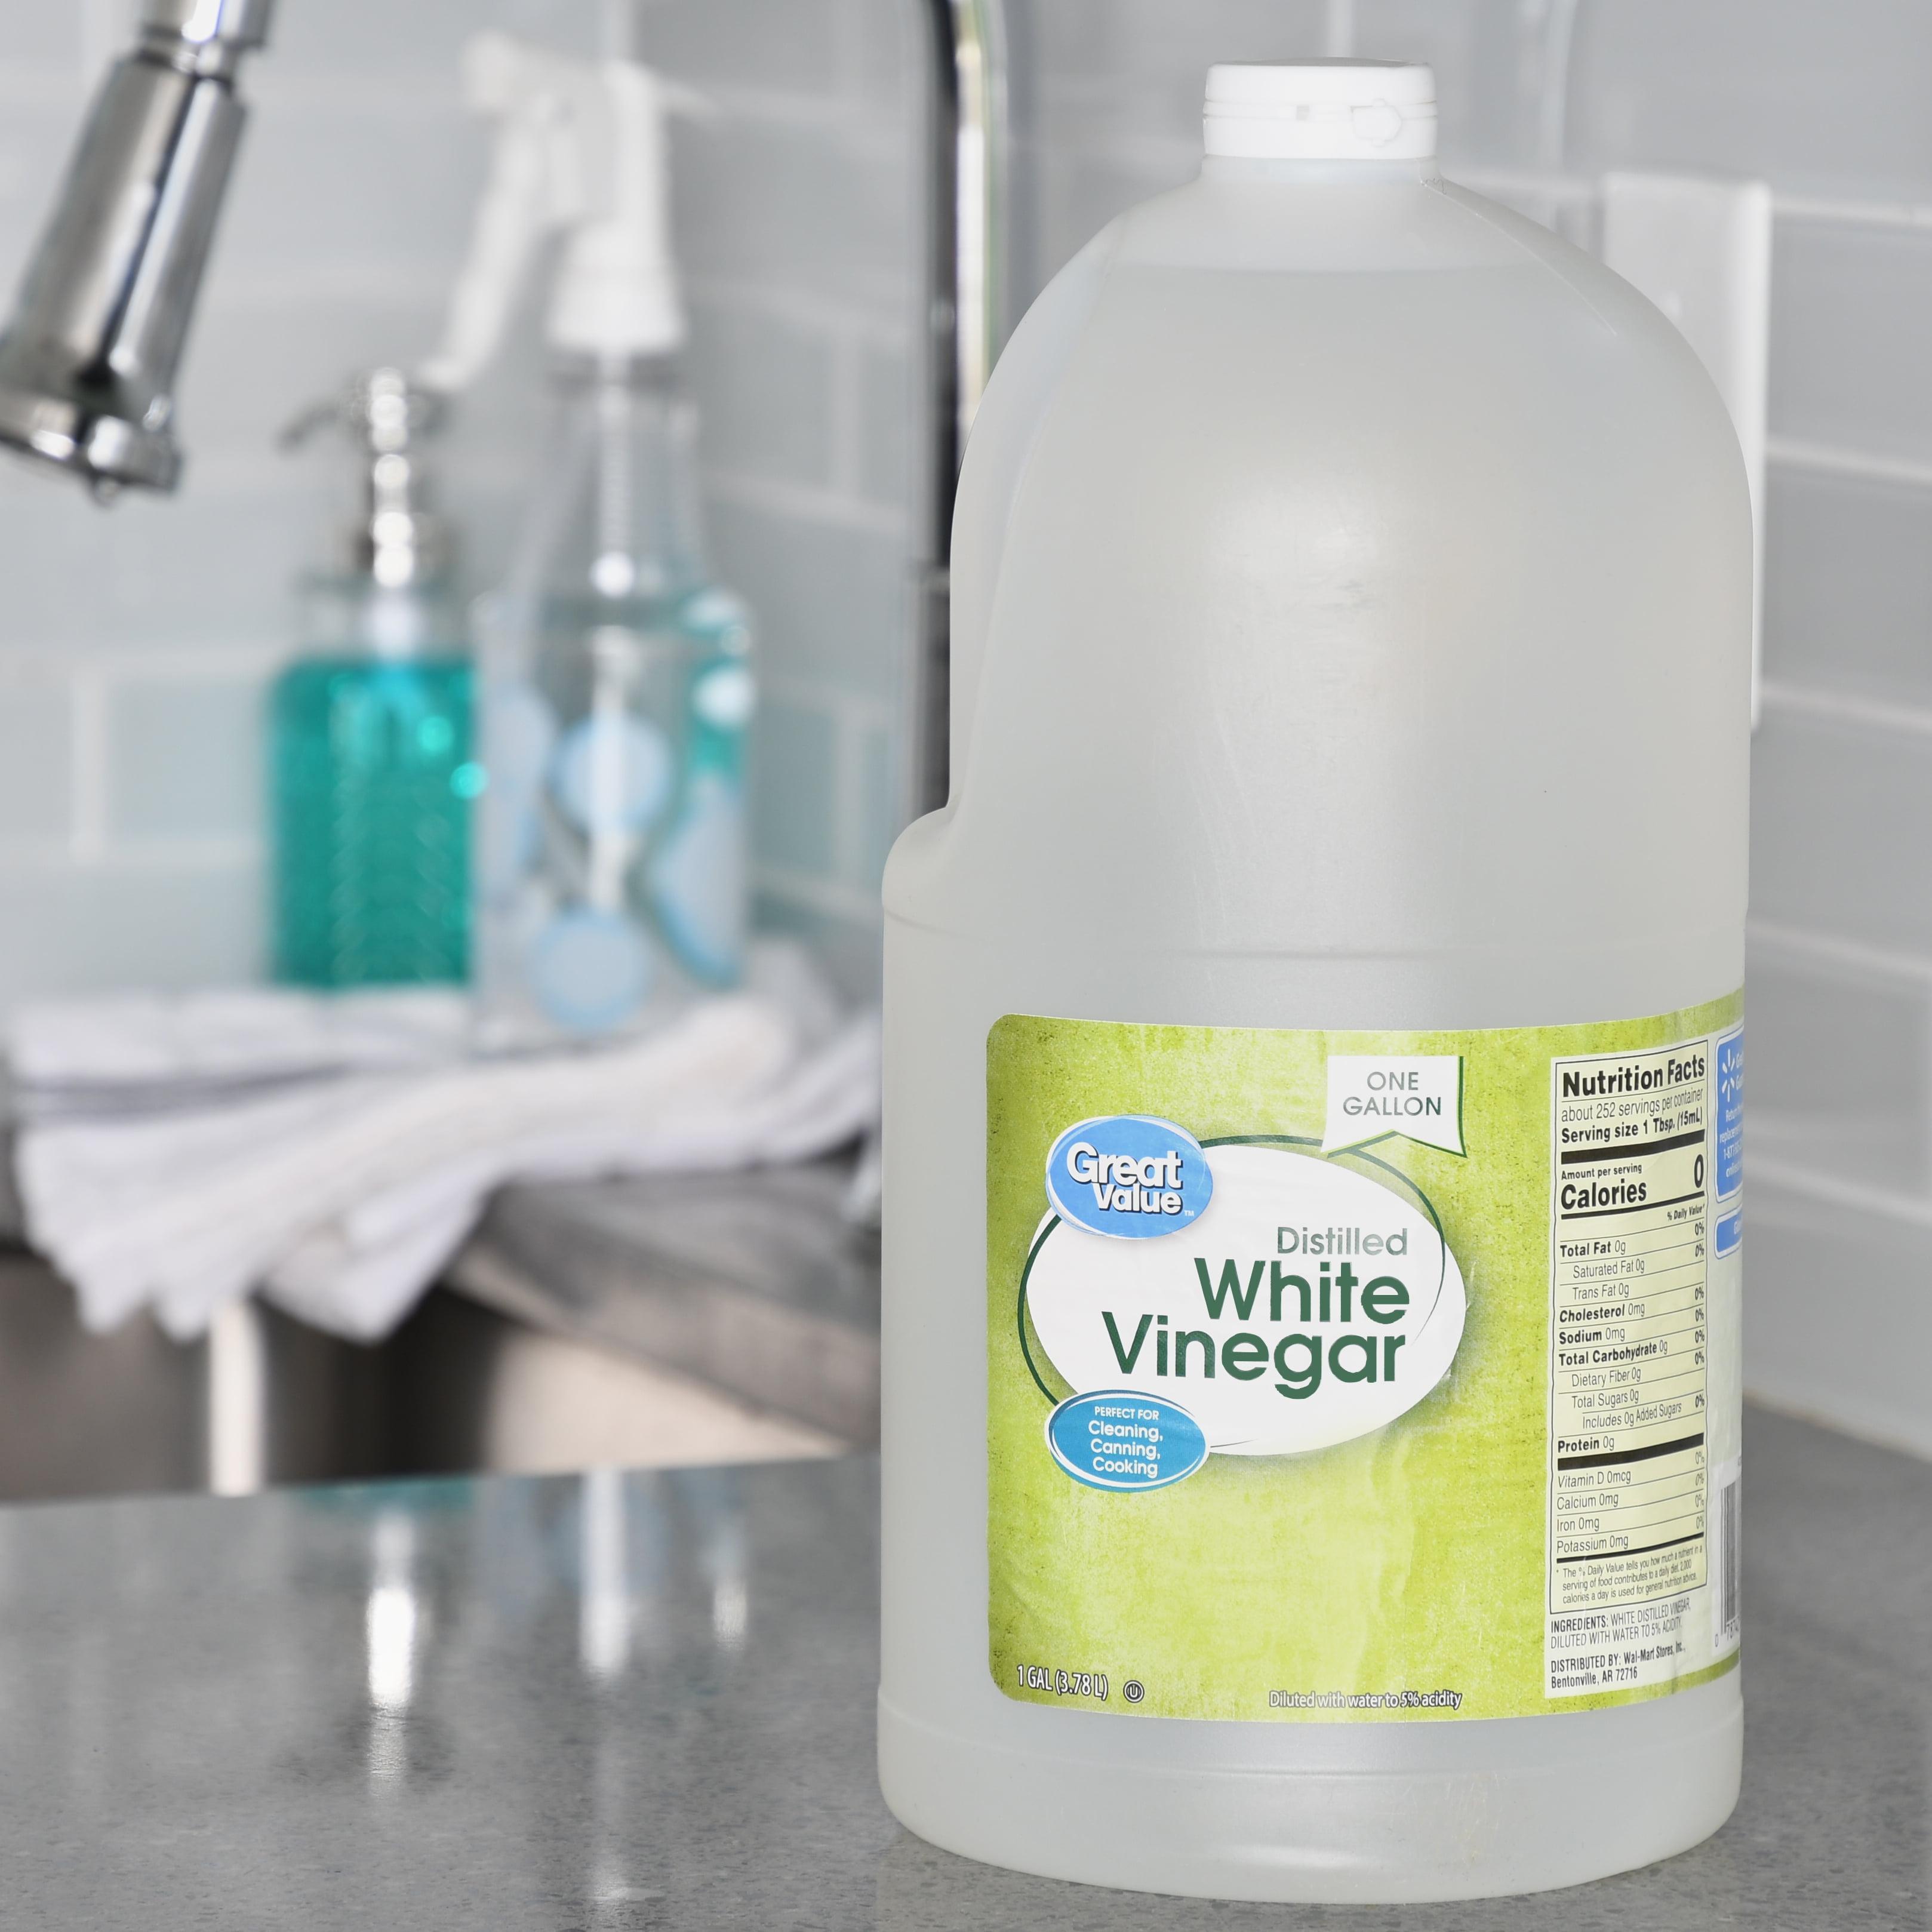 Great Value Distilled White Vinegar, 1 gal - Walmart com